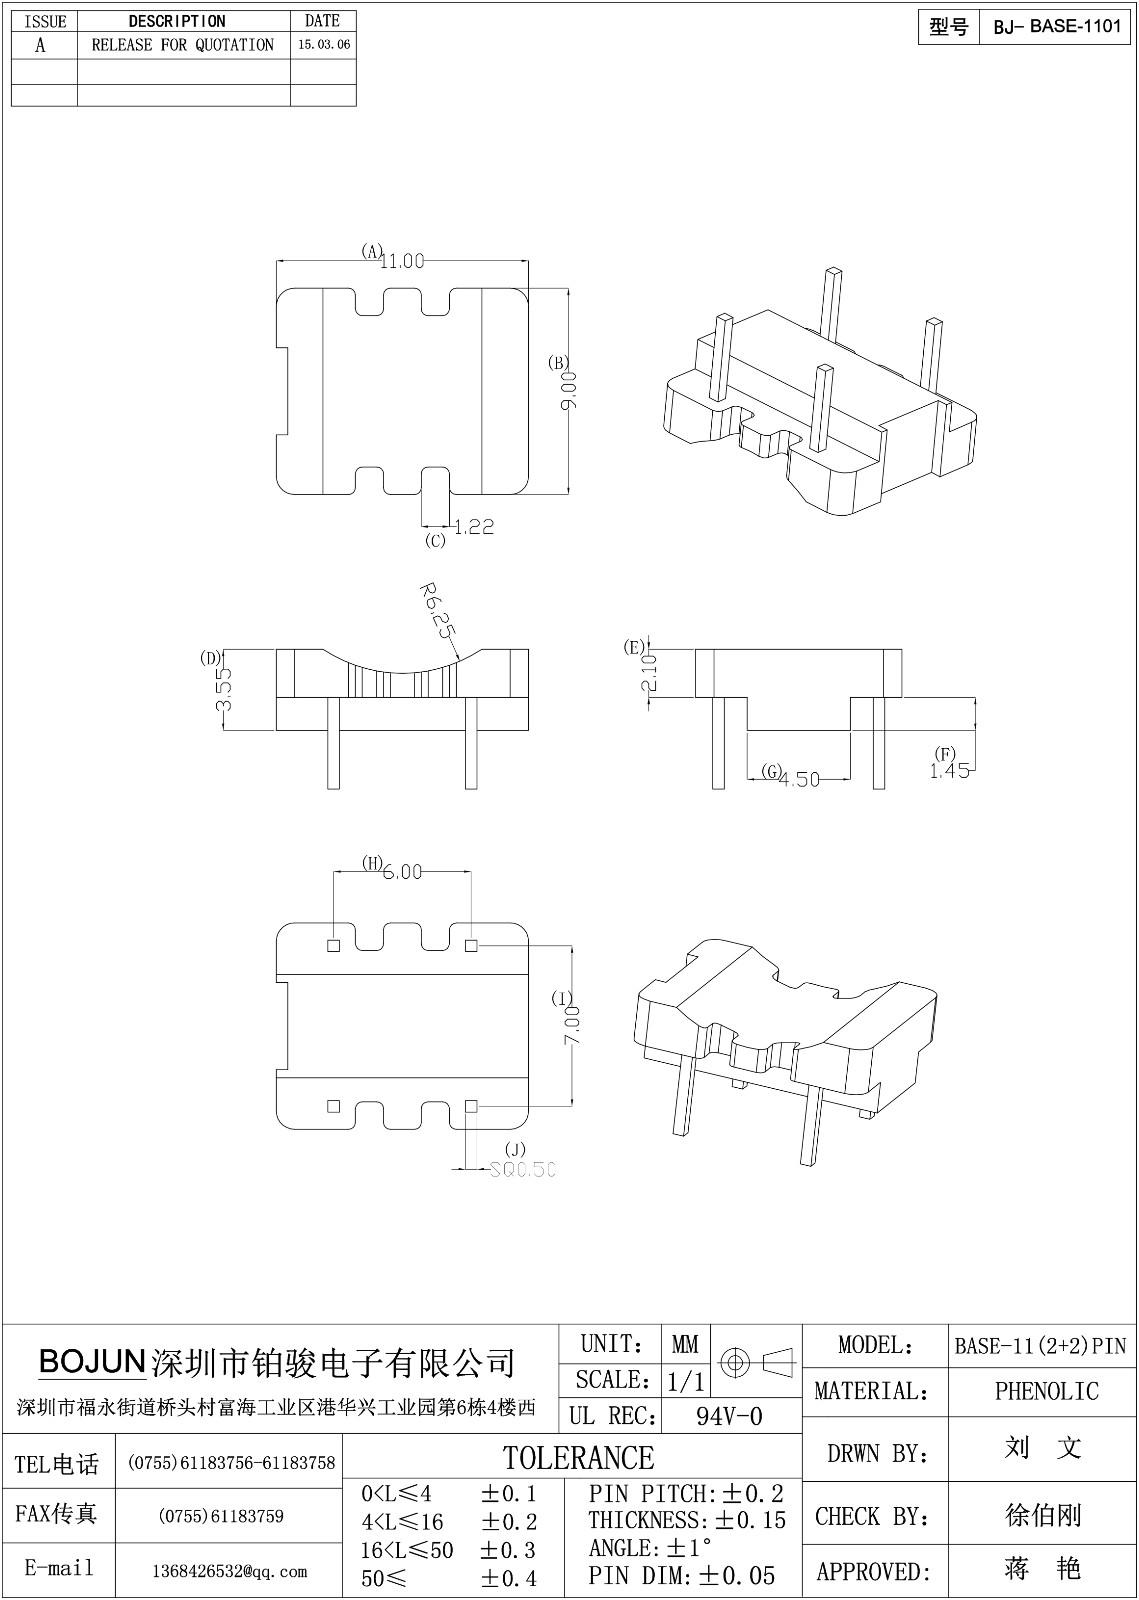 BASE-1101-Model-(1).jpg